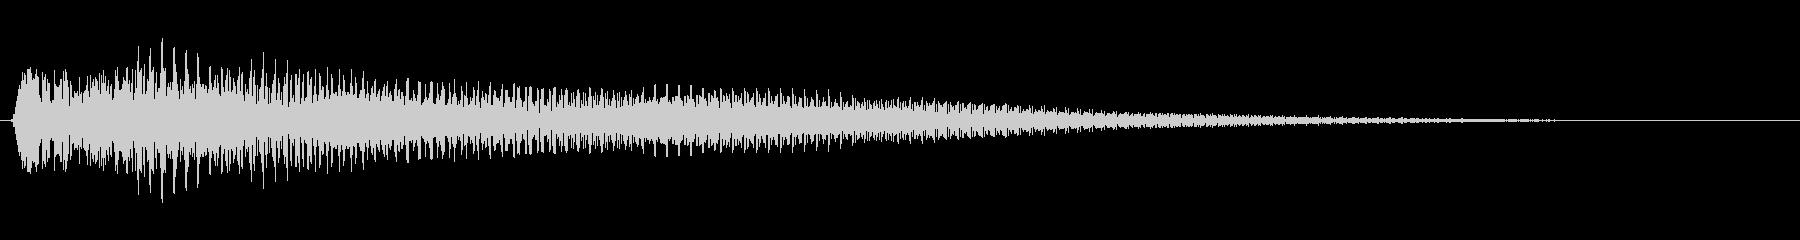 アコギジャラーン 操作音の未再生の波形